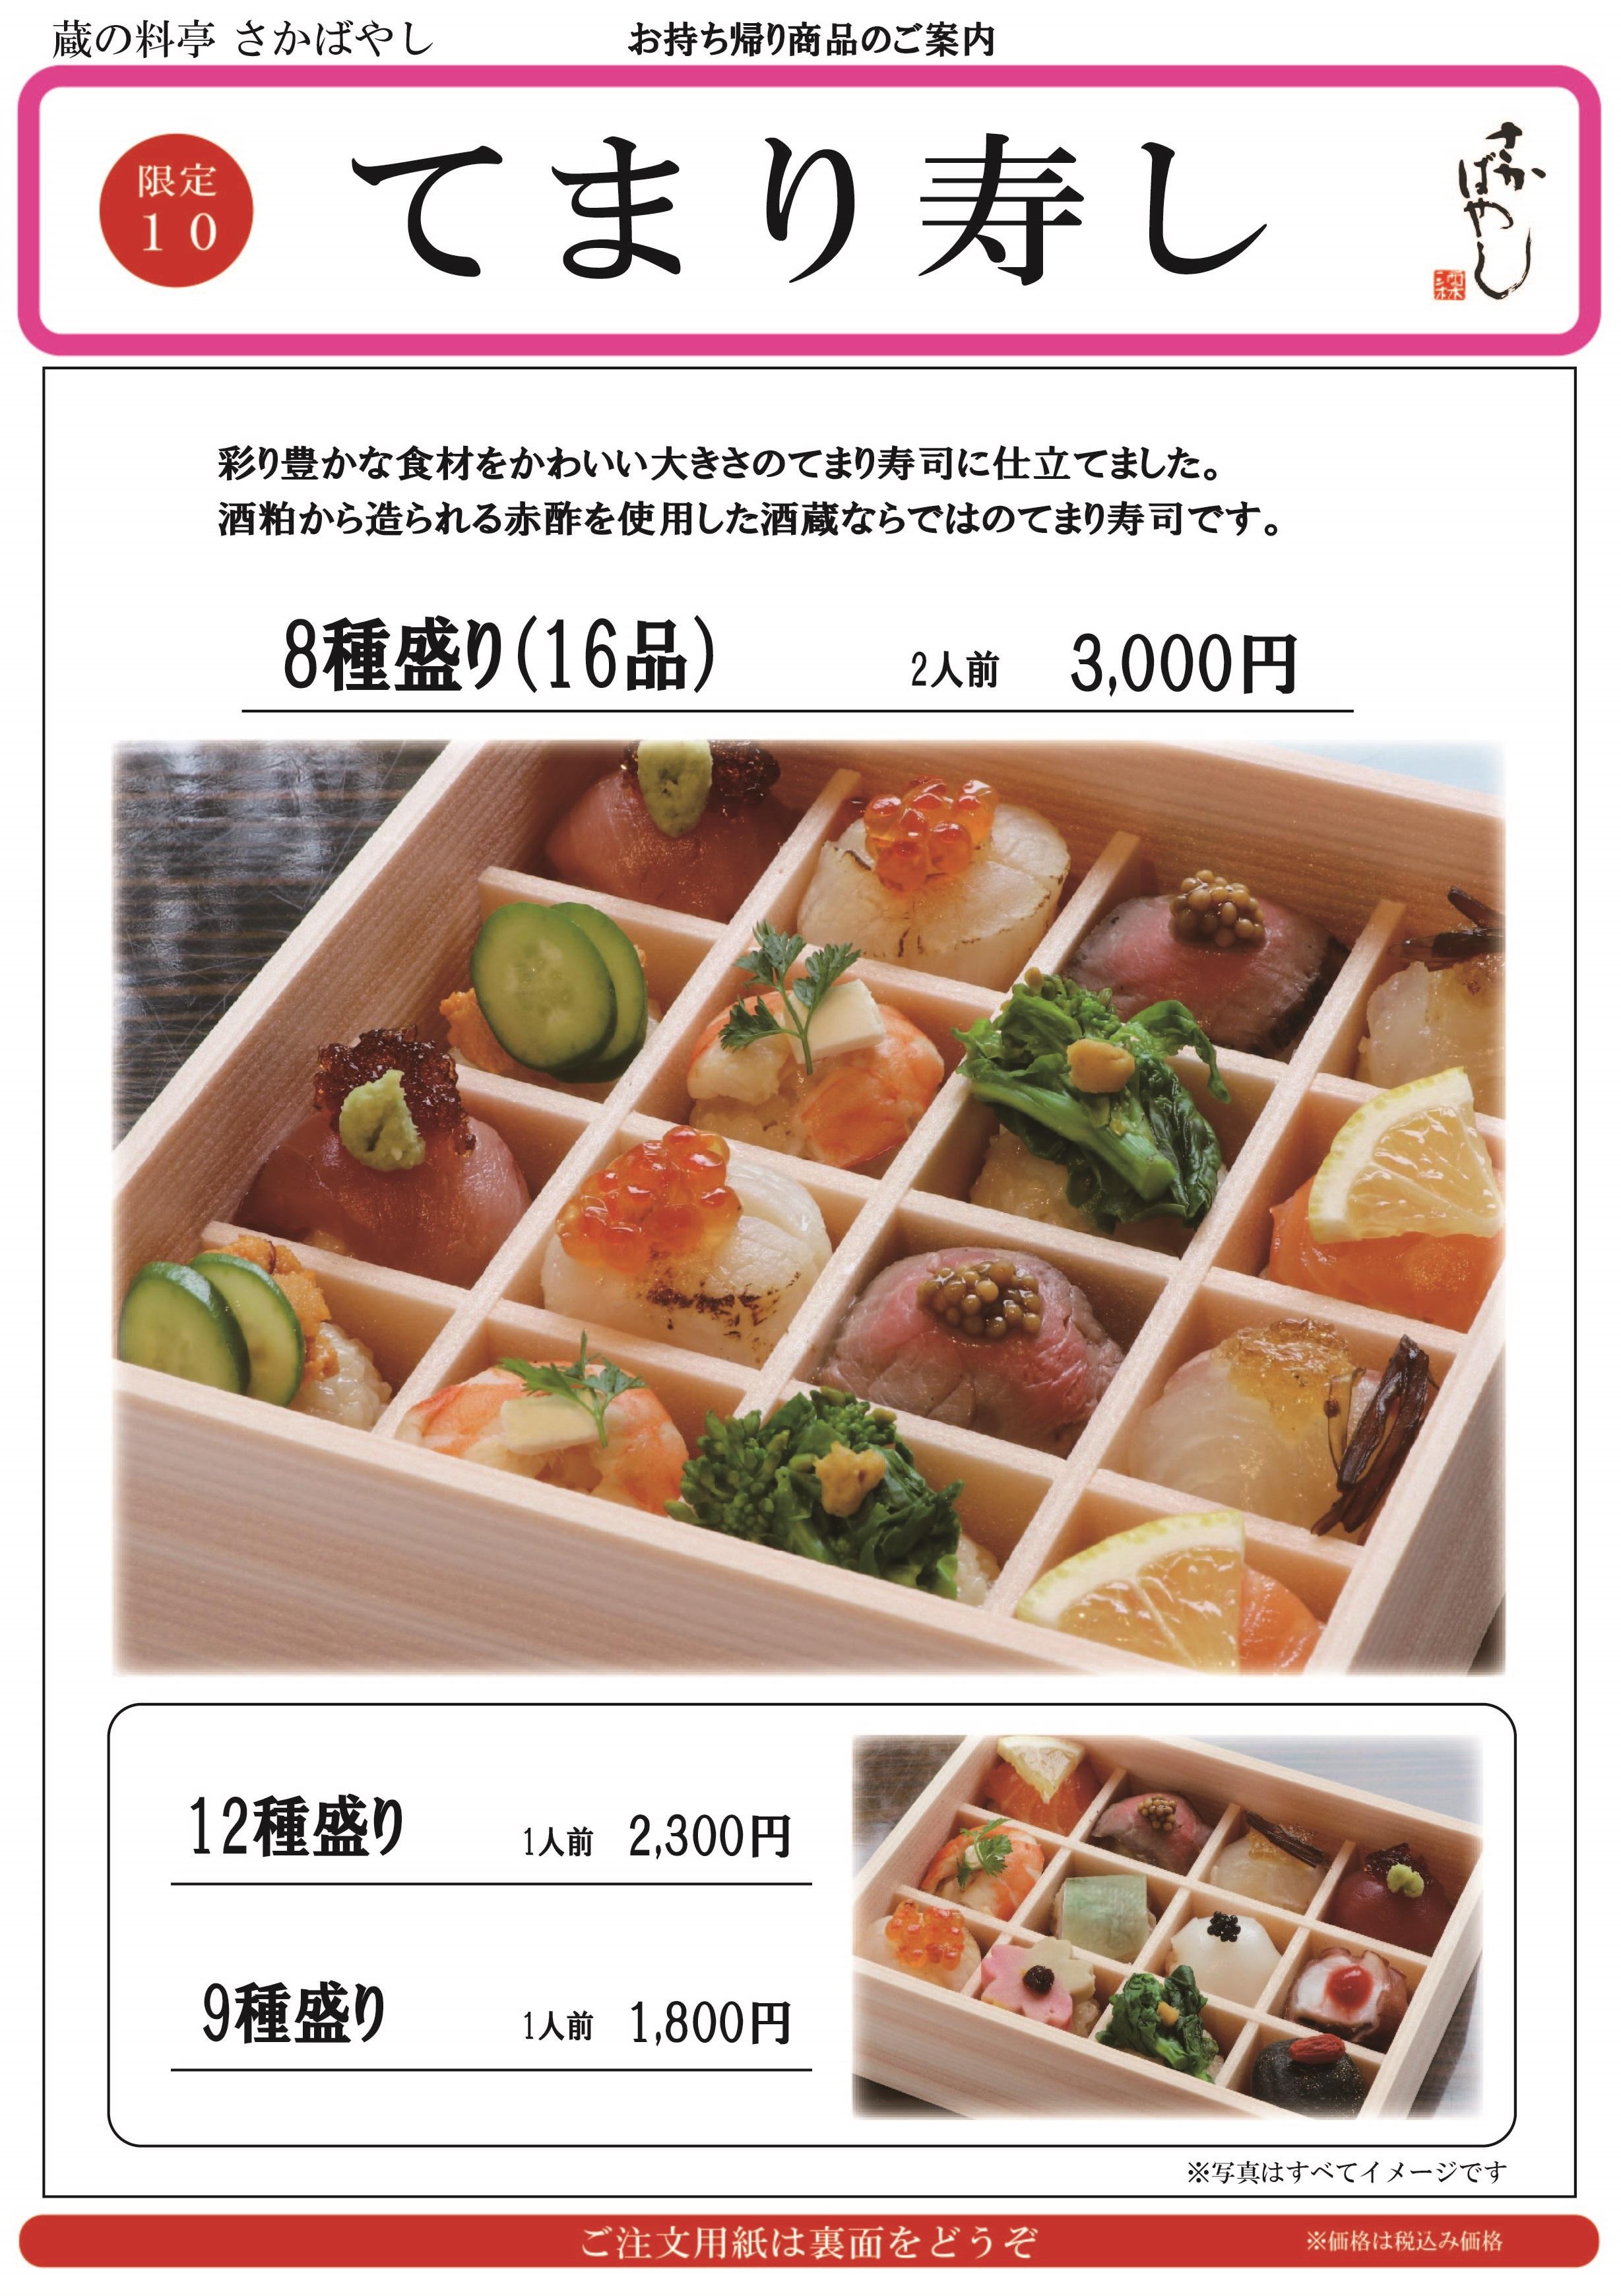 てまり寿司2021_表面v5